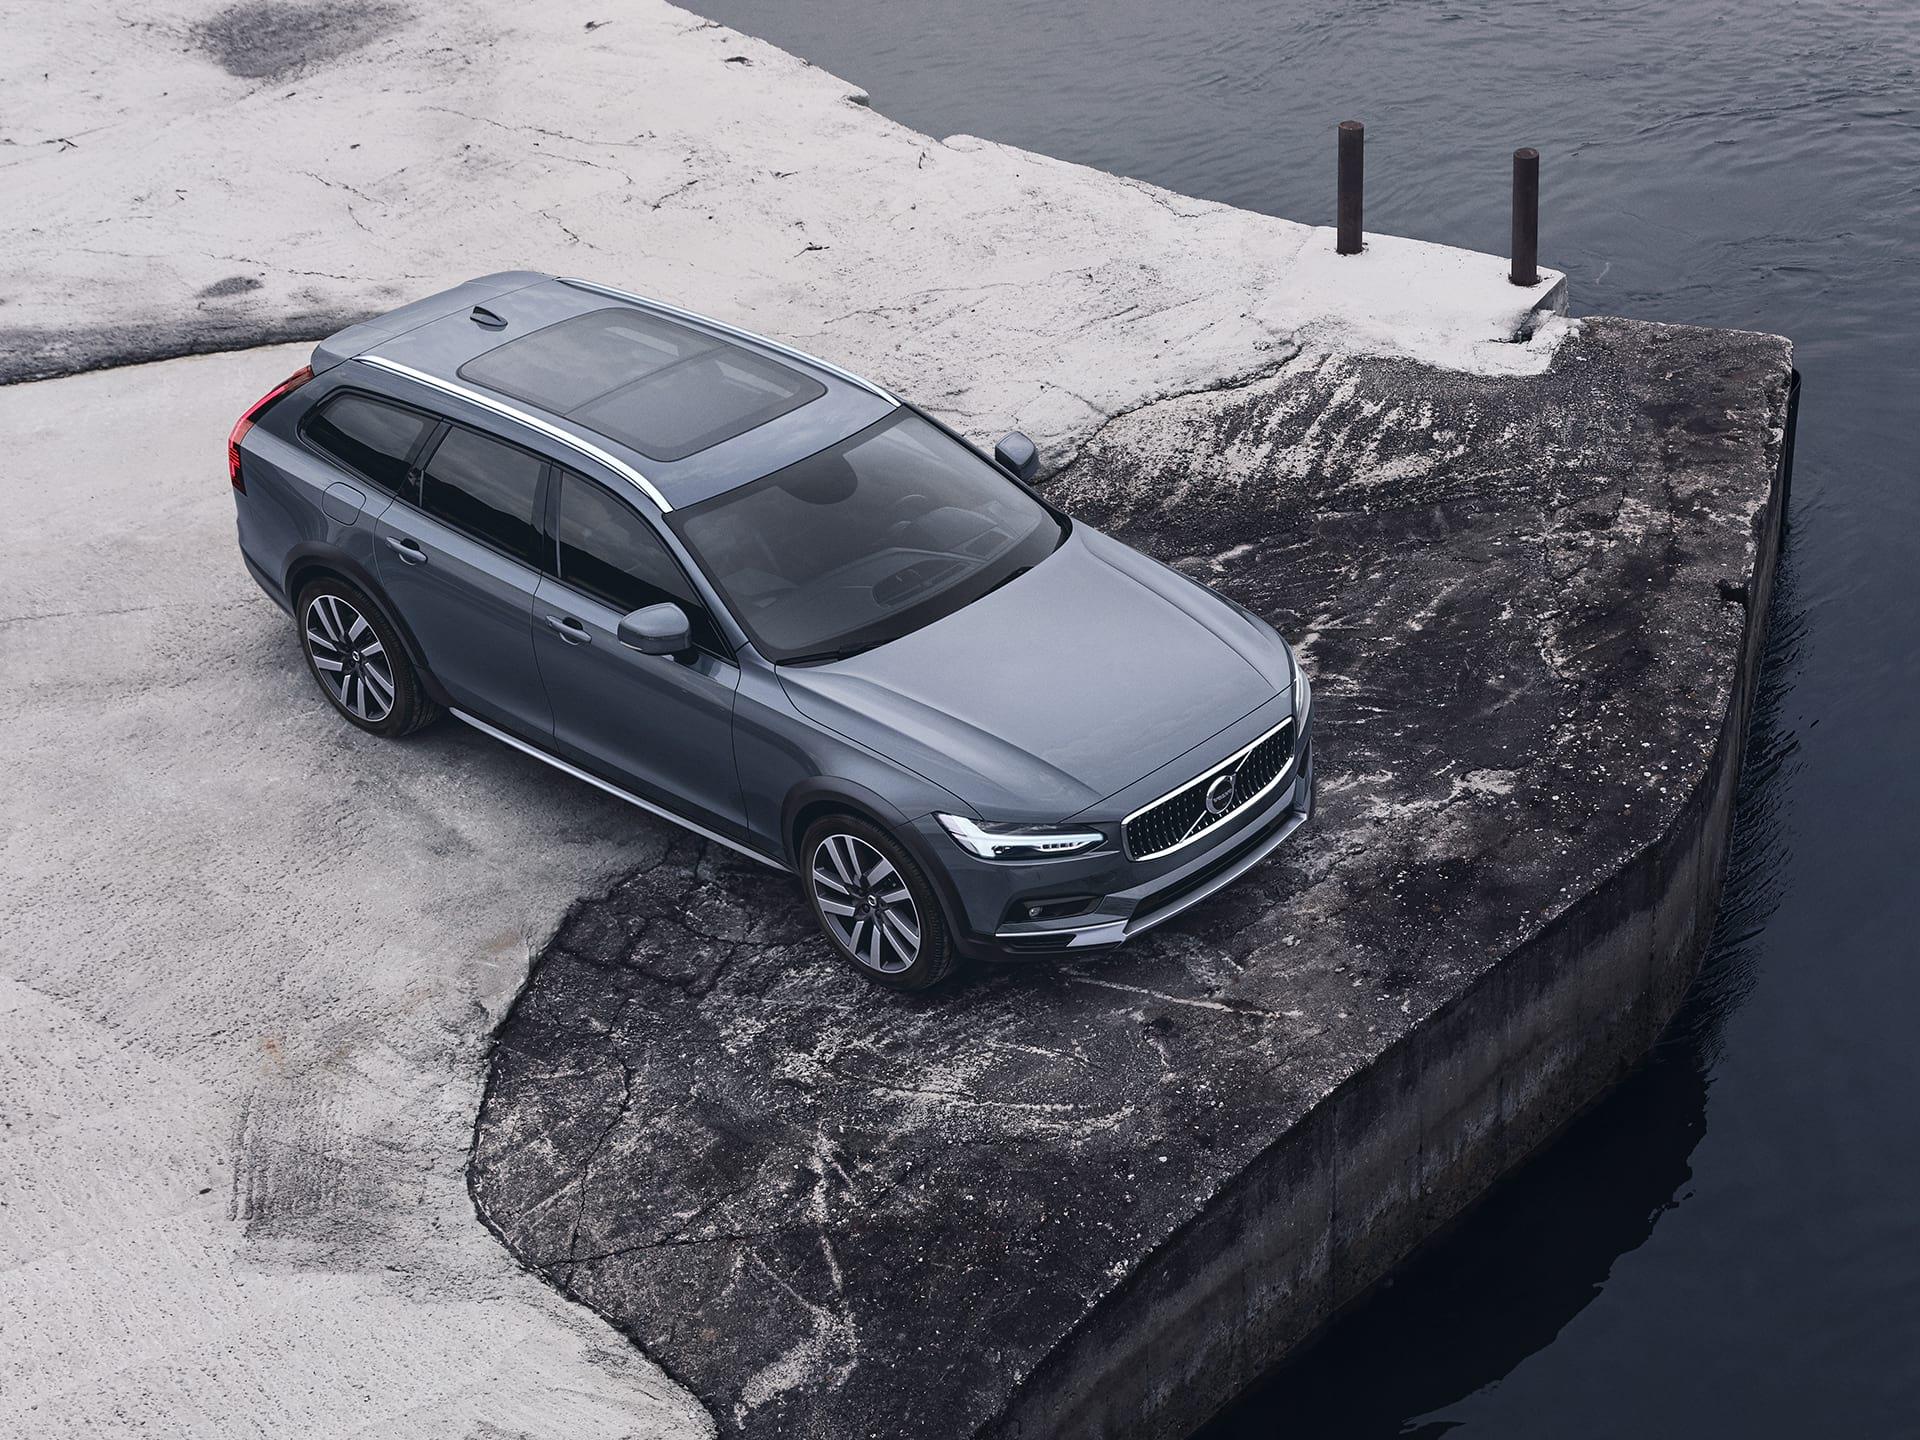 Molusku zilas krāsas Volvo V90 Cross Country stāv uz baržas ūdens tuvumā.